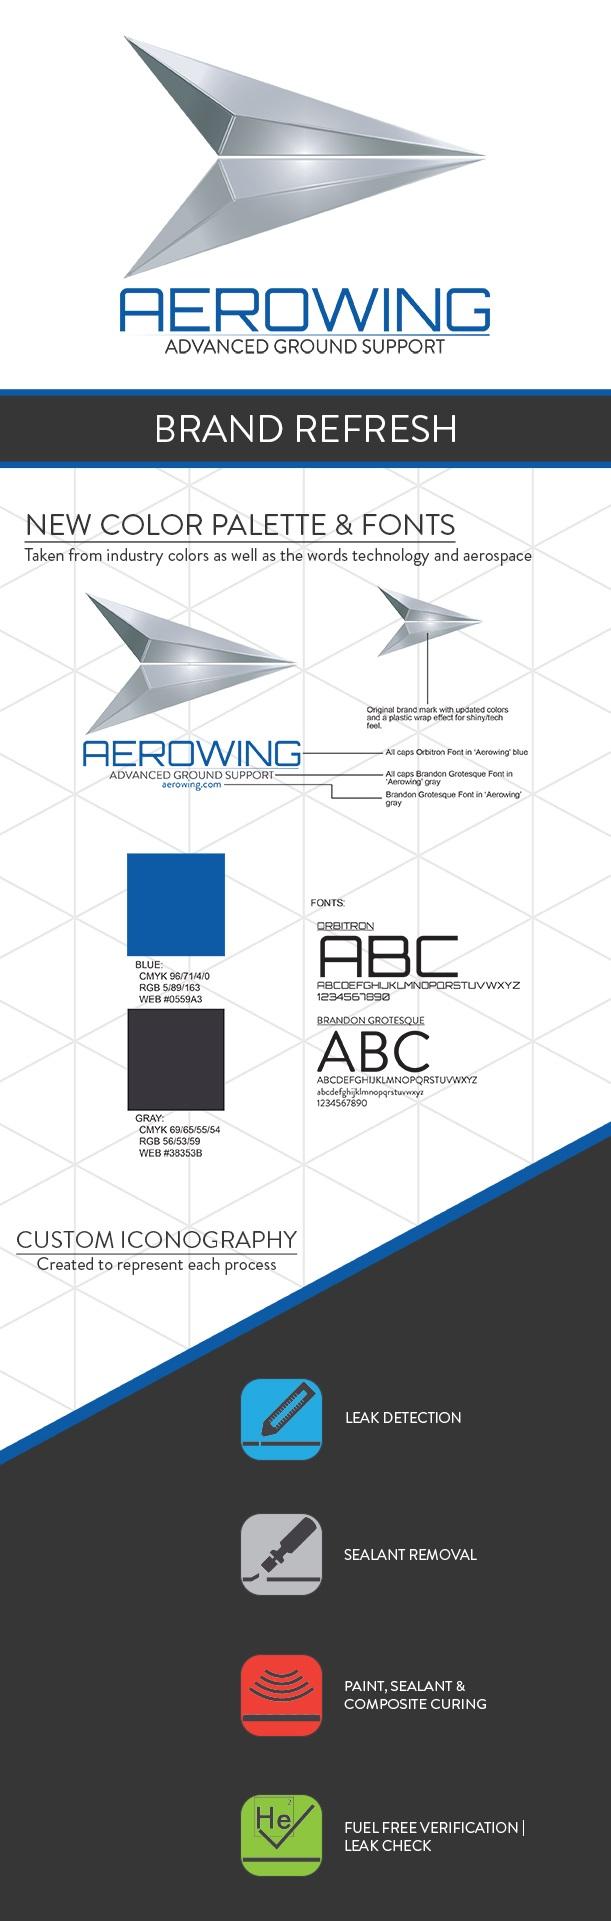 Aerowing+on+display.jpg